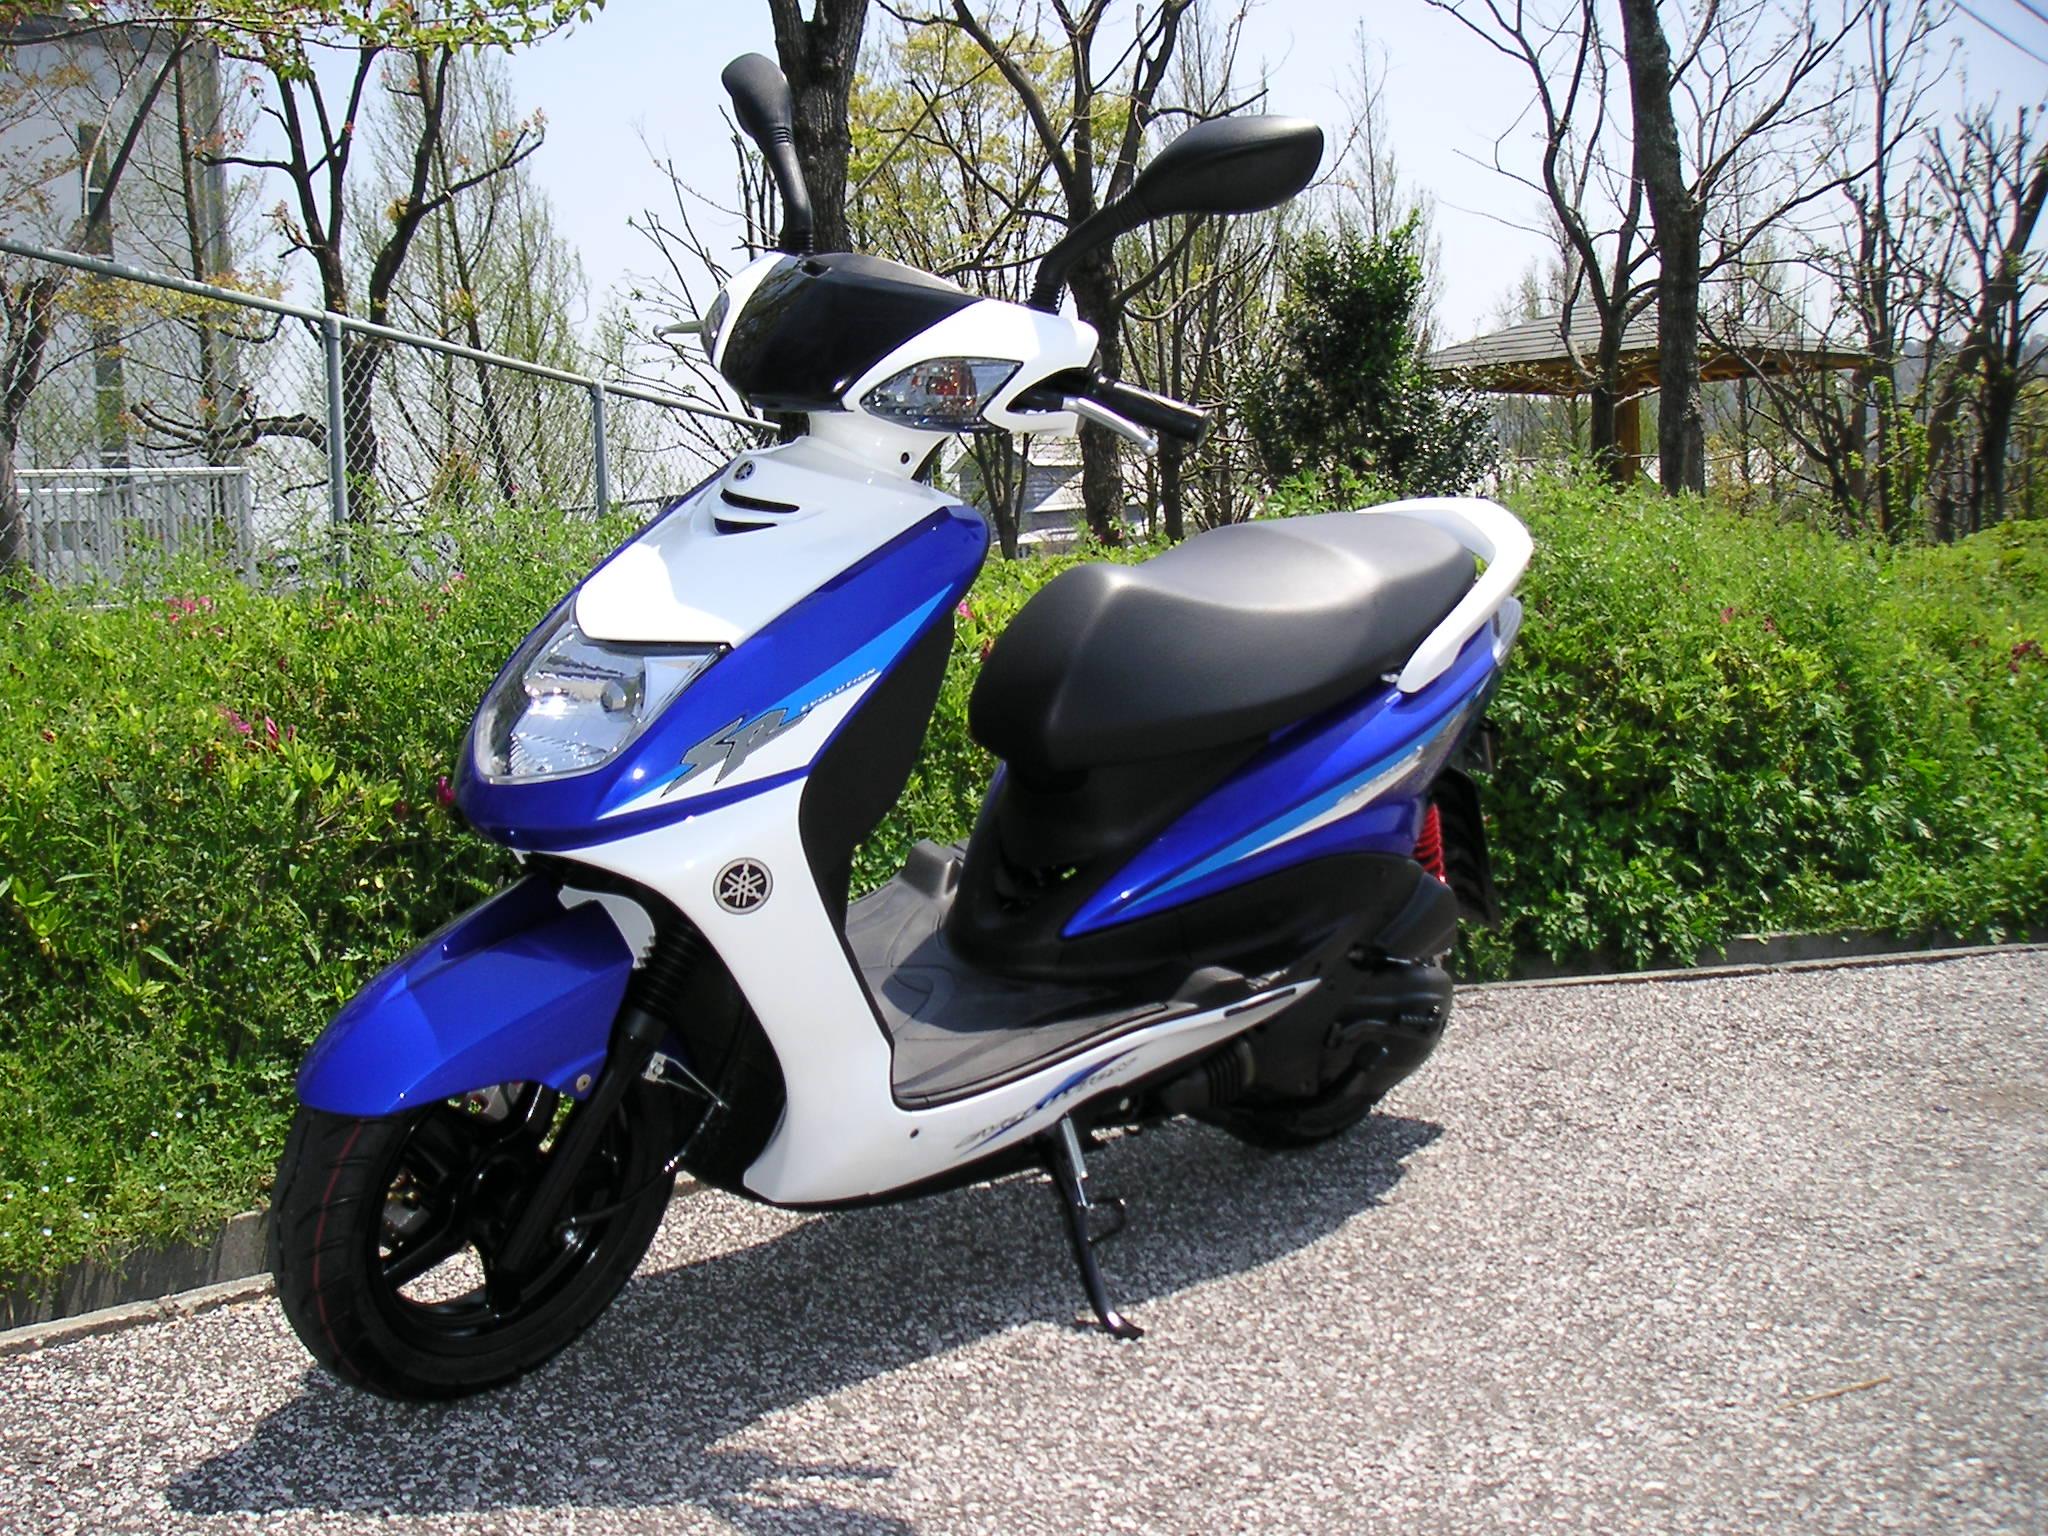 yamaha cygnus 125 cc: